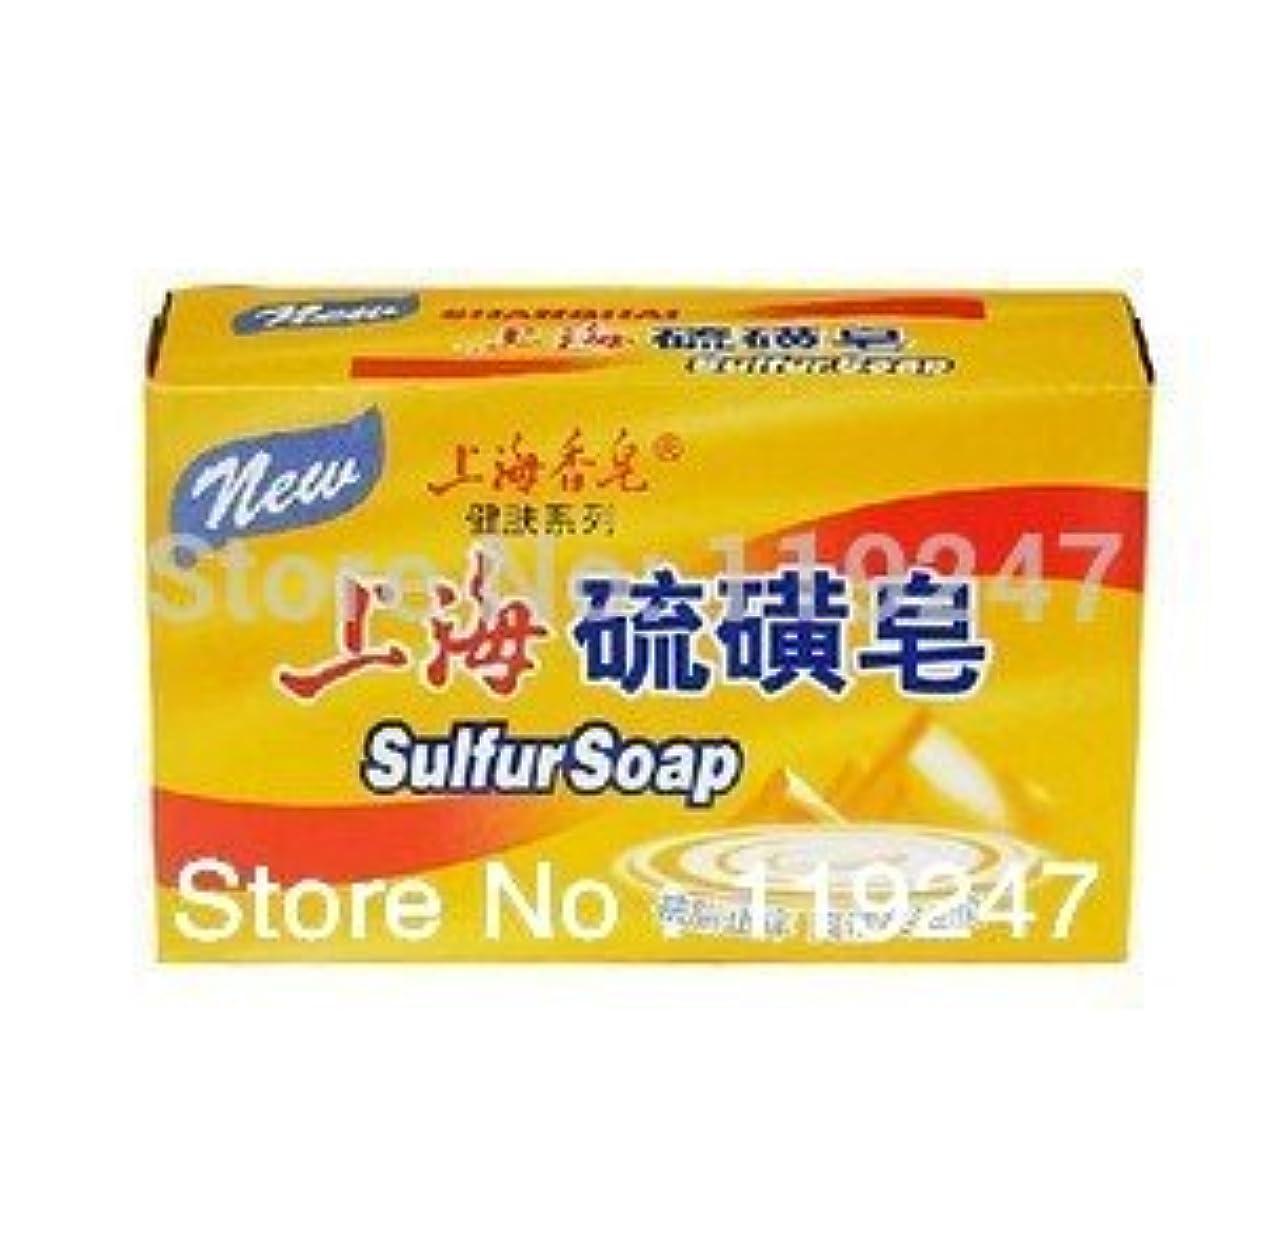 受け継ぐ倍増繰り返したLorny (TM) 上海硫黄石鹸アンチ菌ダニ、ストップかゆみ125グラム格安 [並行輸入品]